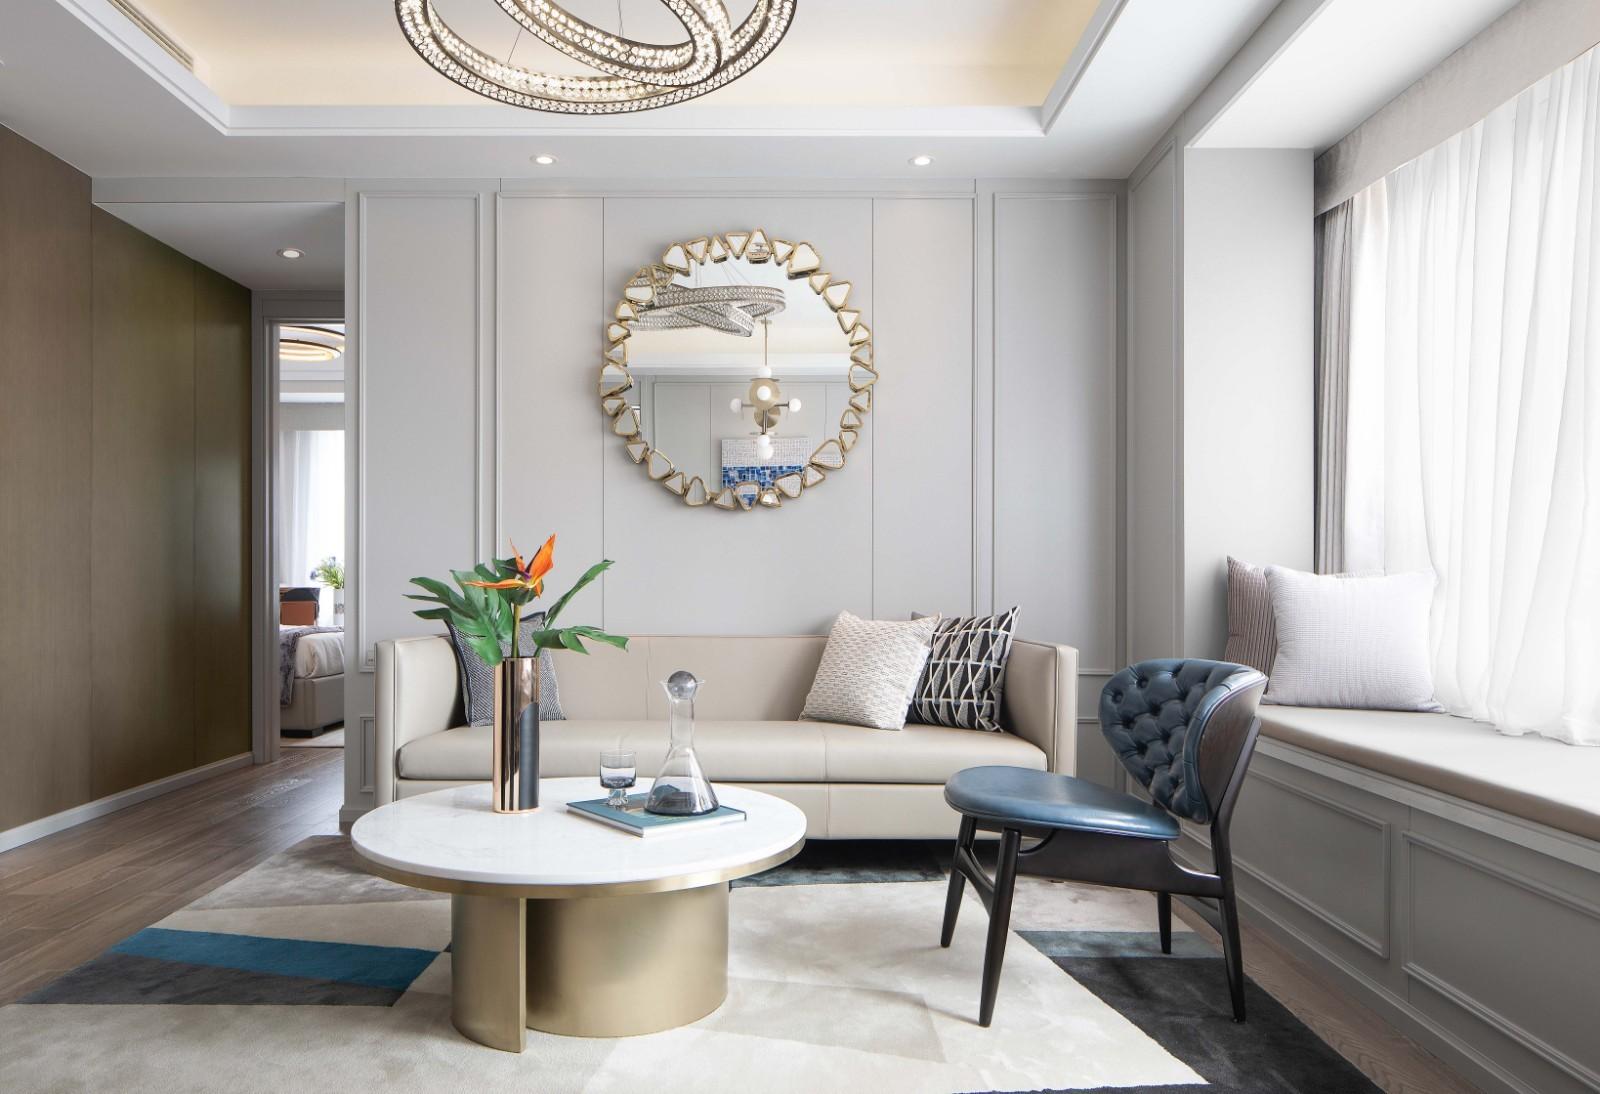 2021简约客厅装修设计 2021简约茶几装修效果图大全